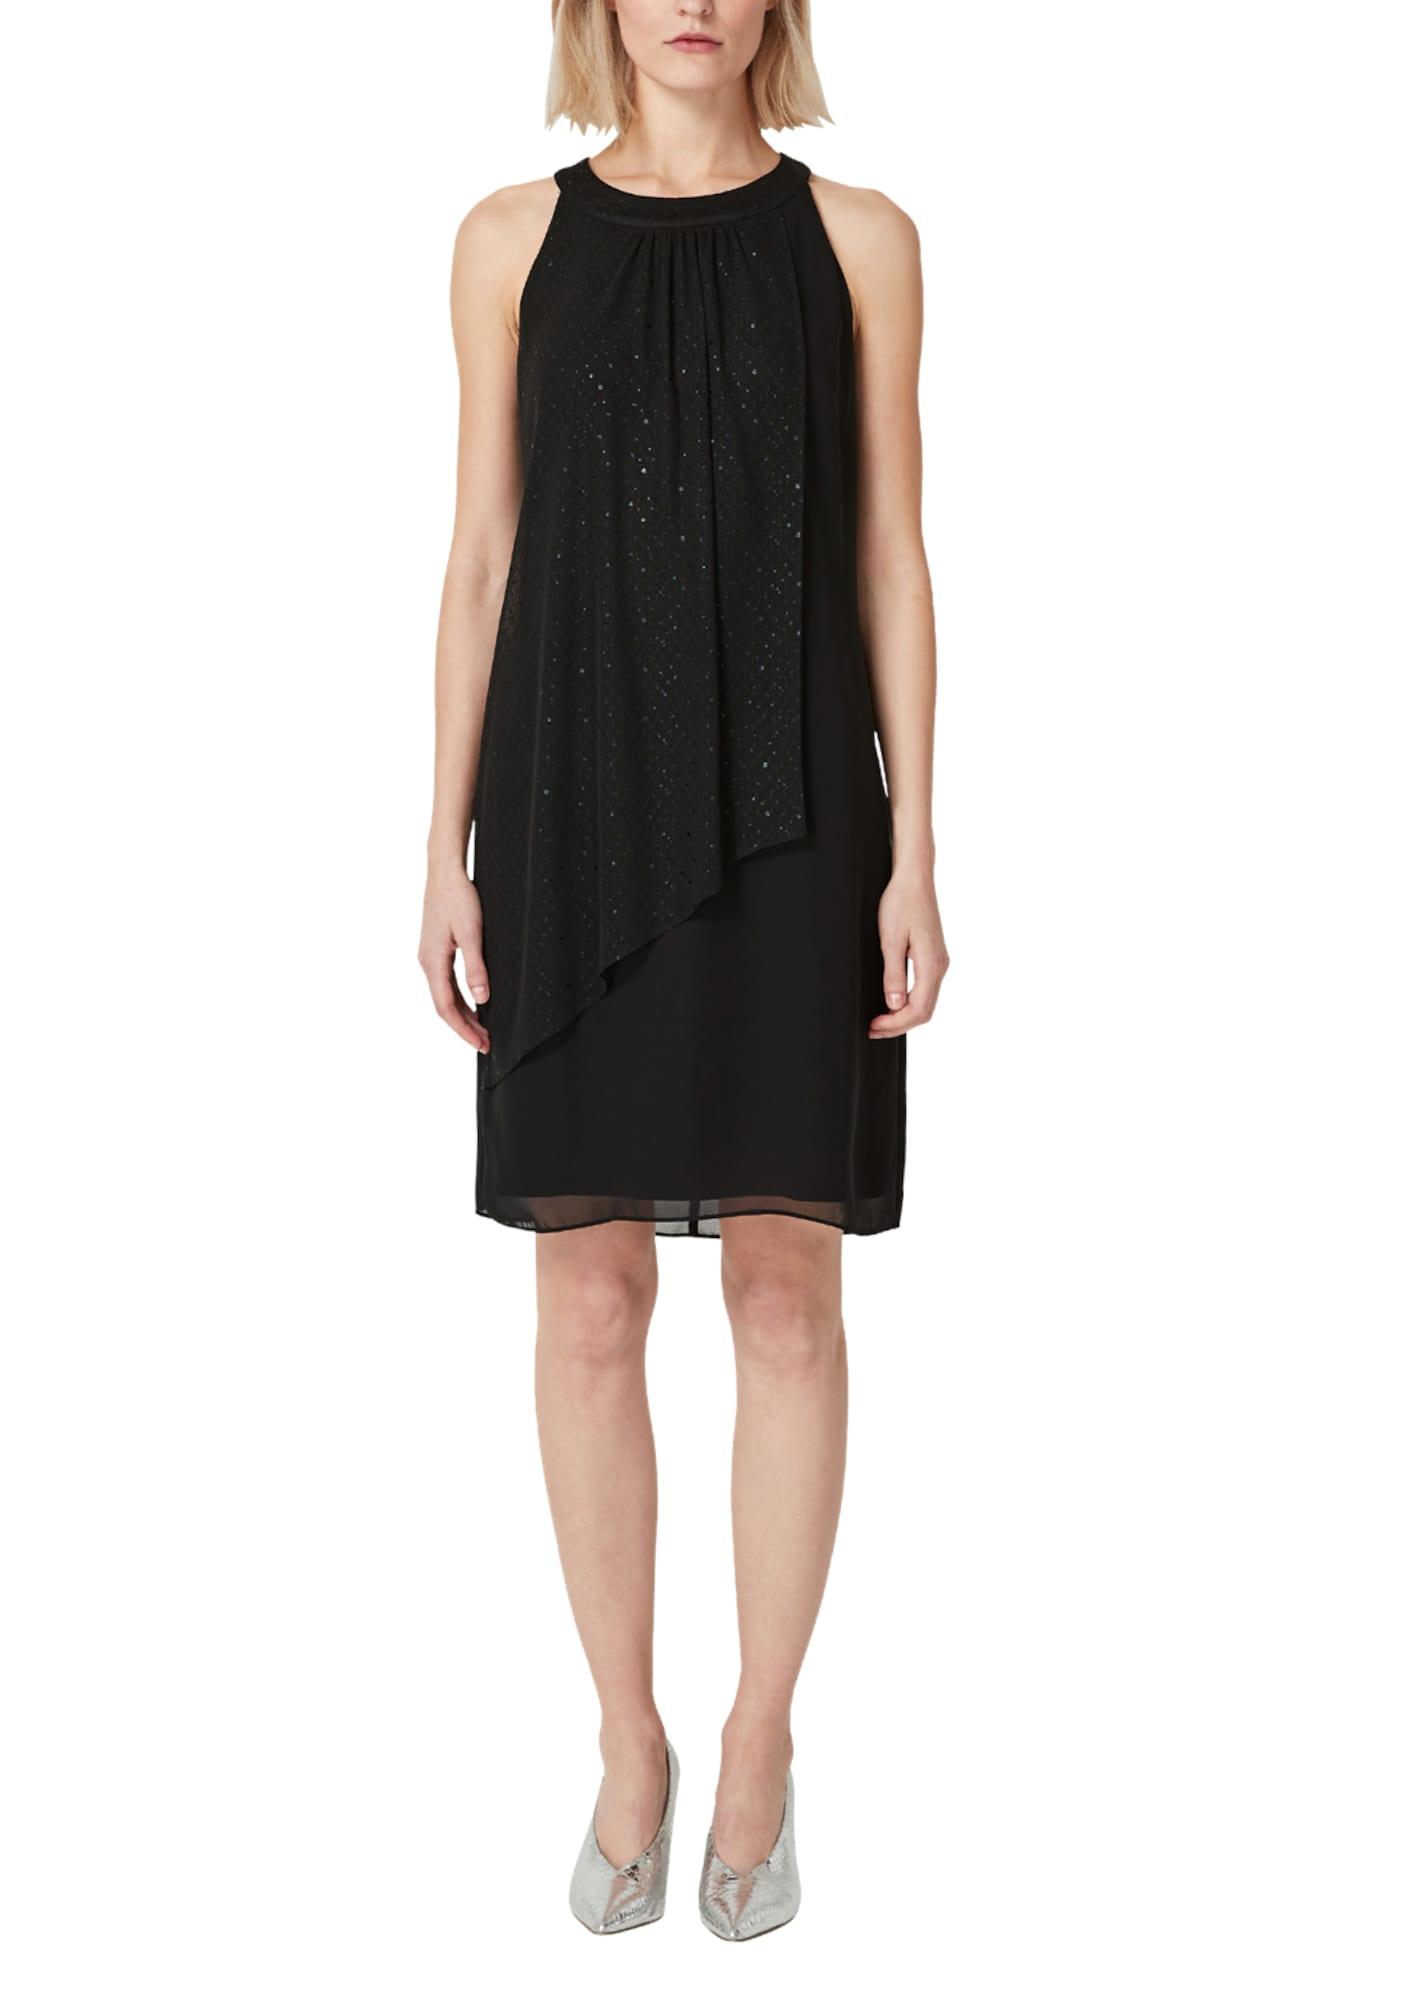 S.Oliver BLACK LABEL Kleid schwarz - Schwarzes Kleid